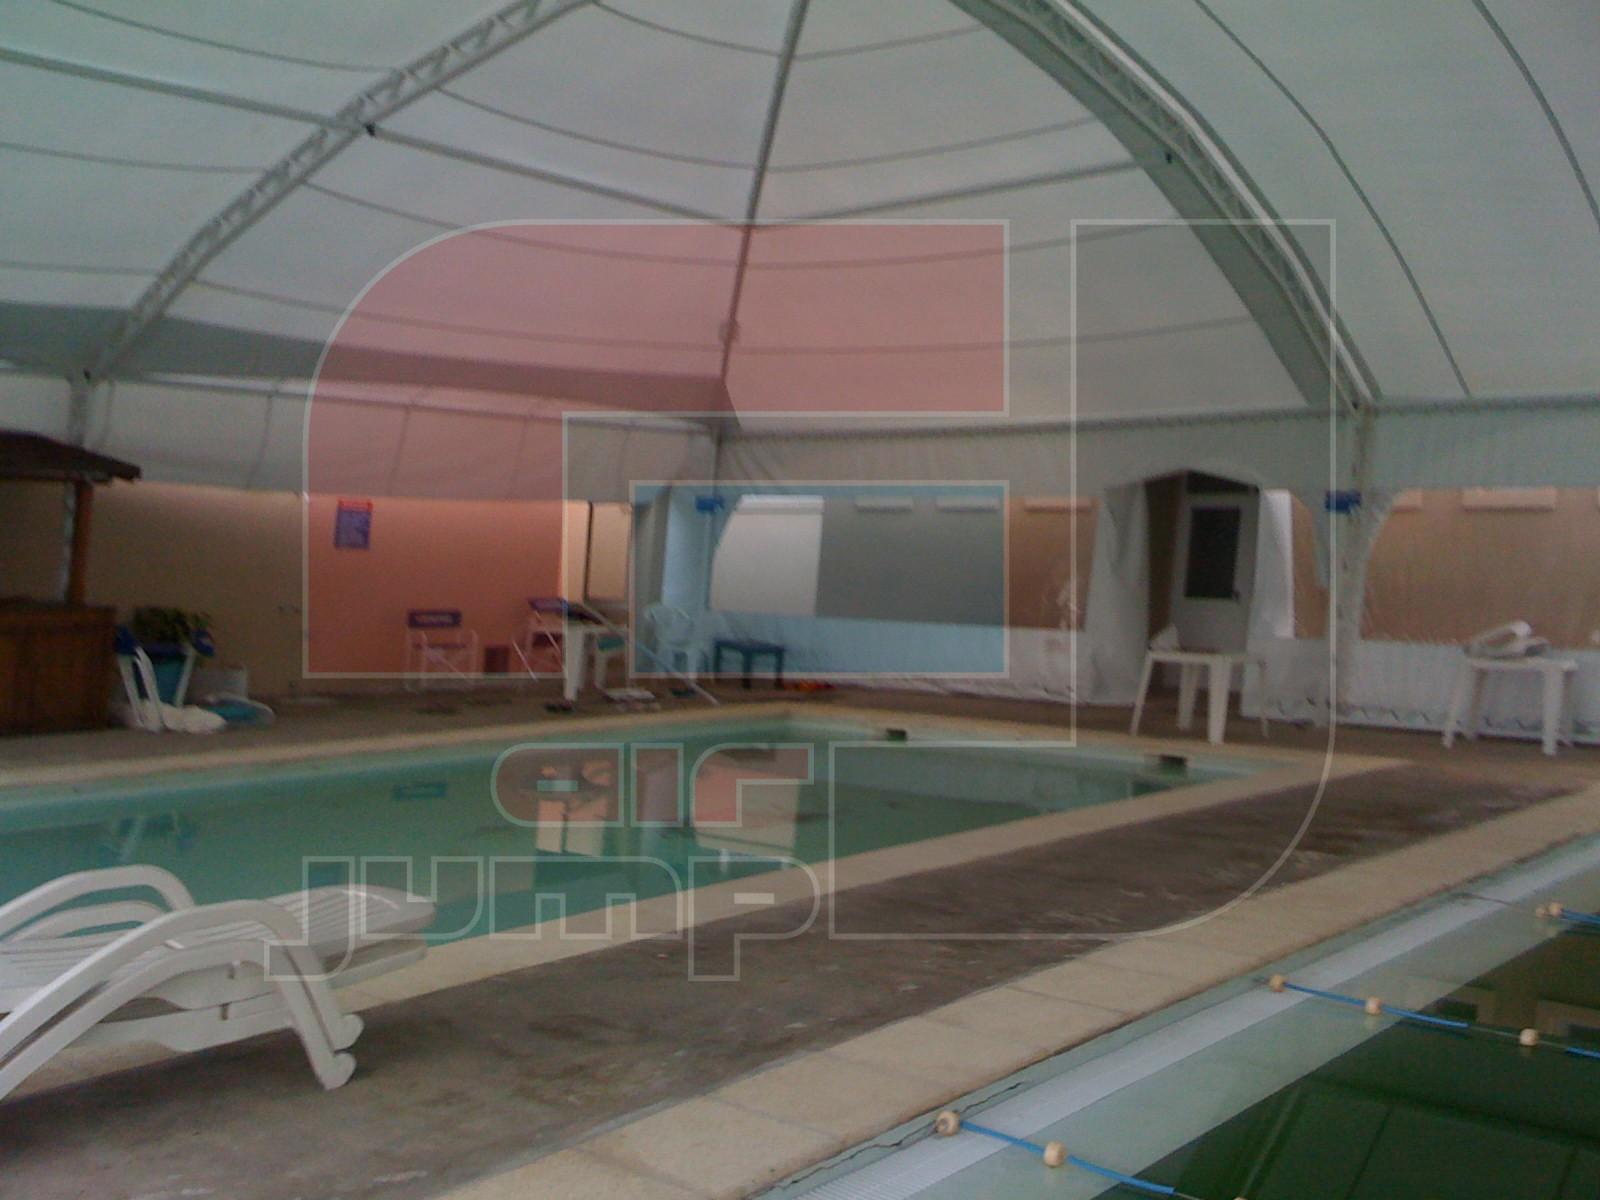 natatorio cañuelas 004